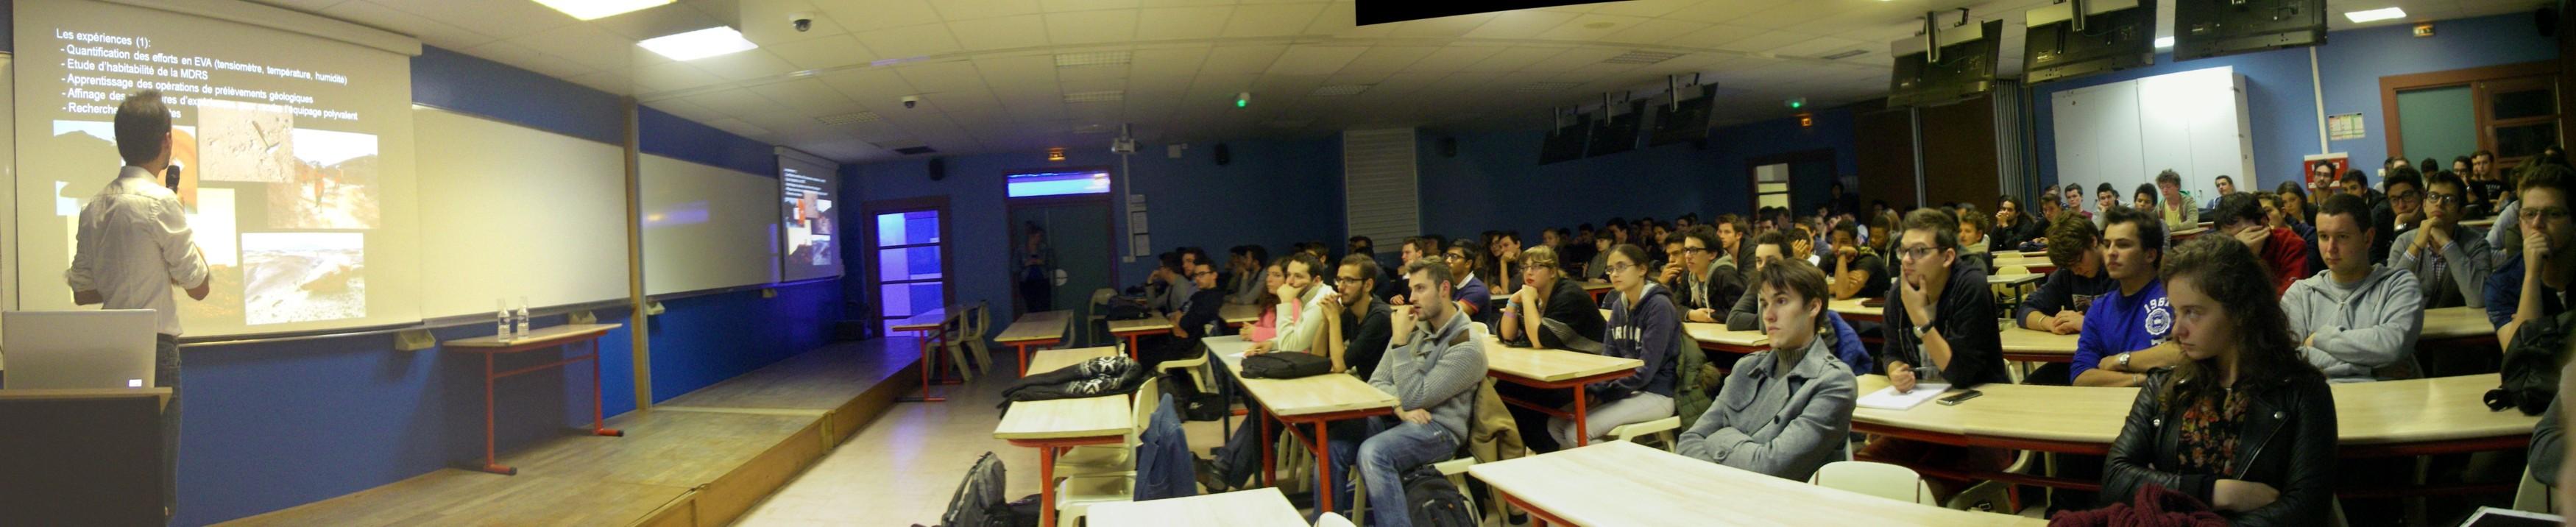 15 10 13 - 19h 06m 36s - Conférence IPSA sur les simulations_stitch (1)